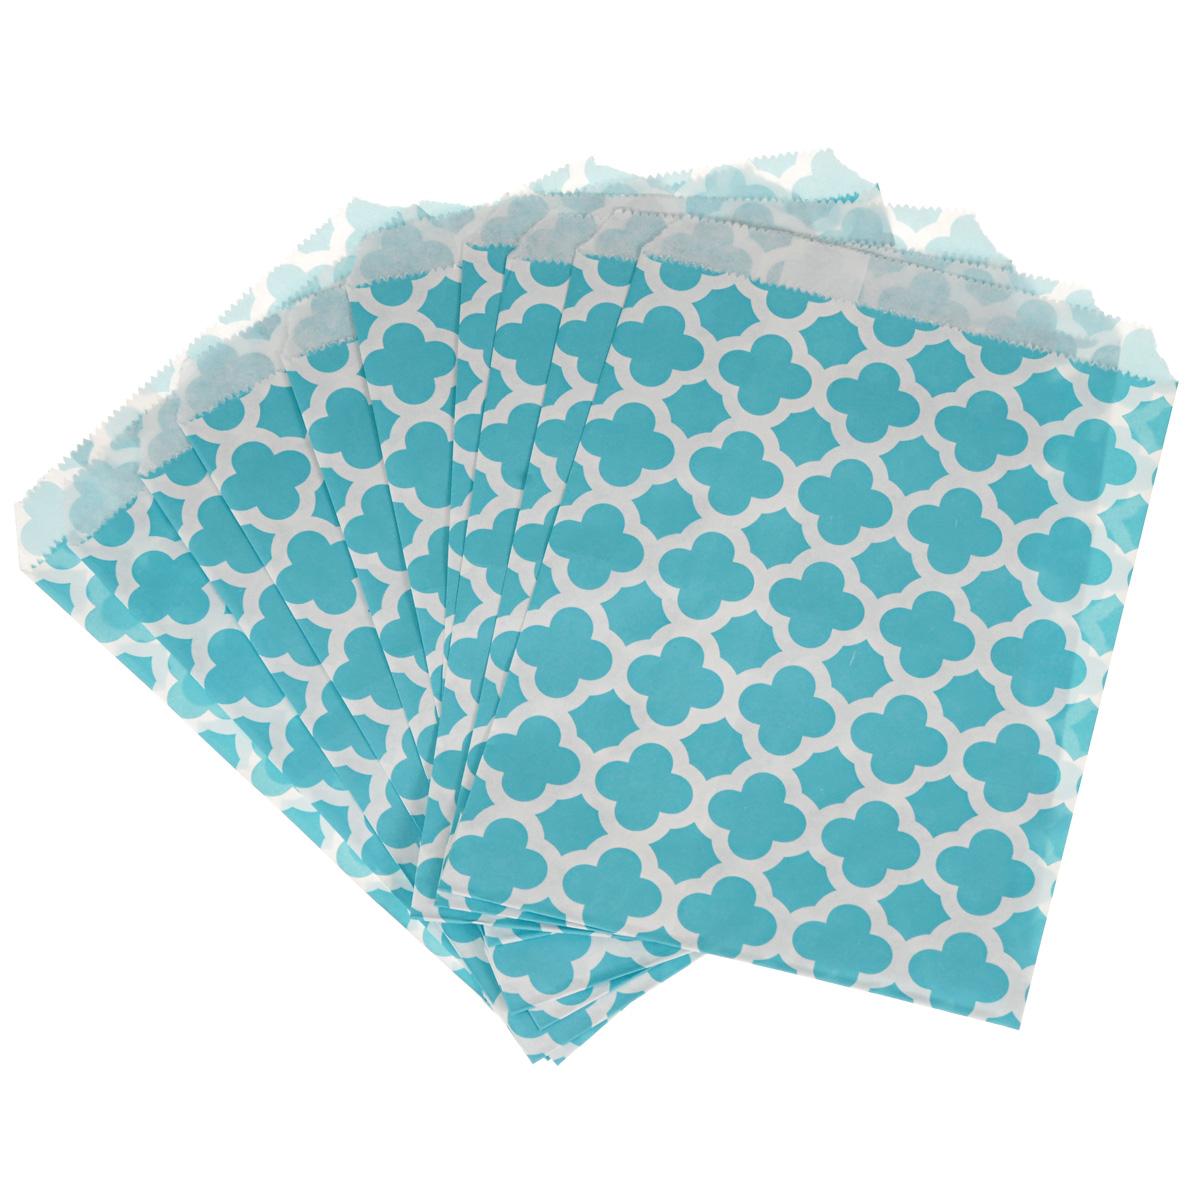 Пакеты бумажные Dolce Arti Arabesque, для выпекания, цвет: голубой, 10 штDA040210Бумажные пакеты Dolce Arti Arabesque очень многофункциональны. Их можно использовать насколько хватит вашей фантазии: для выпекания, для упаковки маленьких подарков, сладостей и многого другого. Размер: 13 см х 18 см.